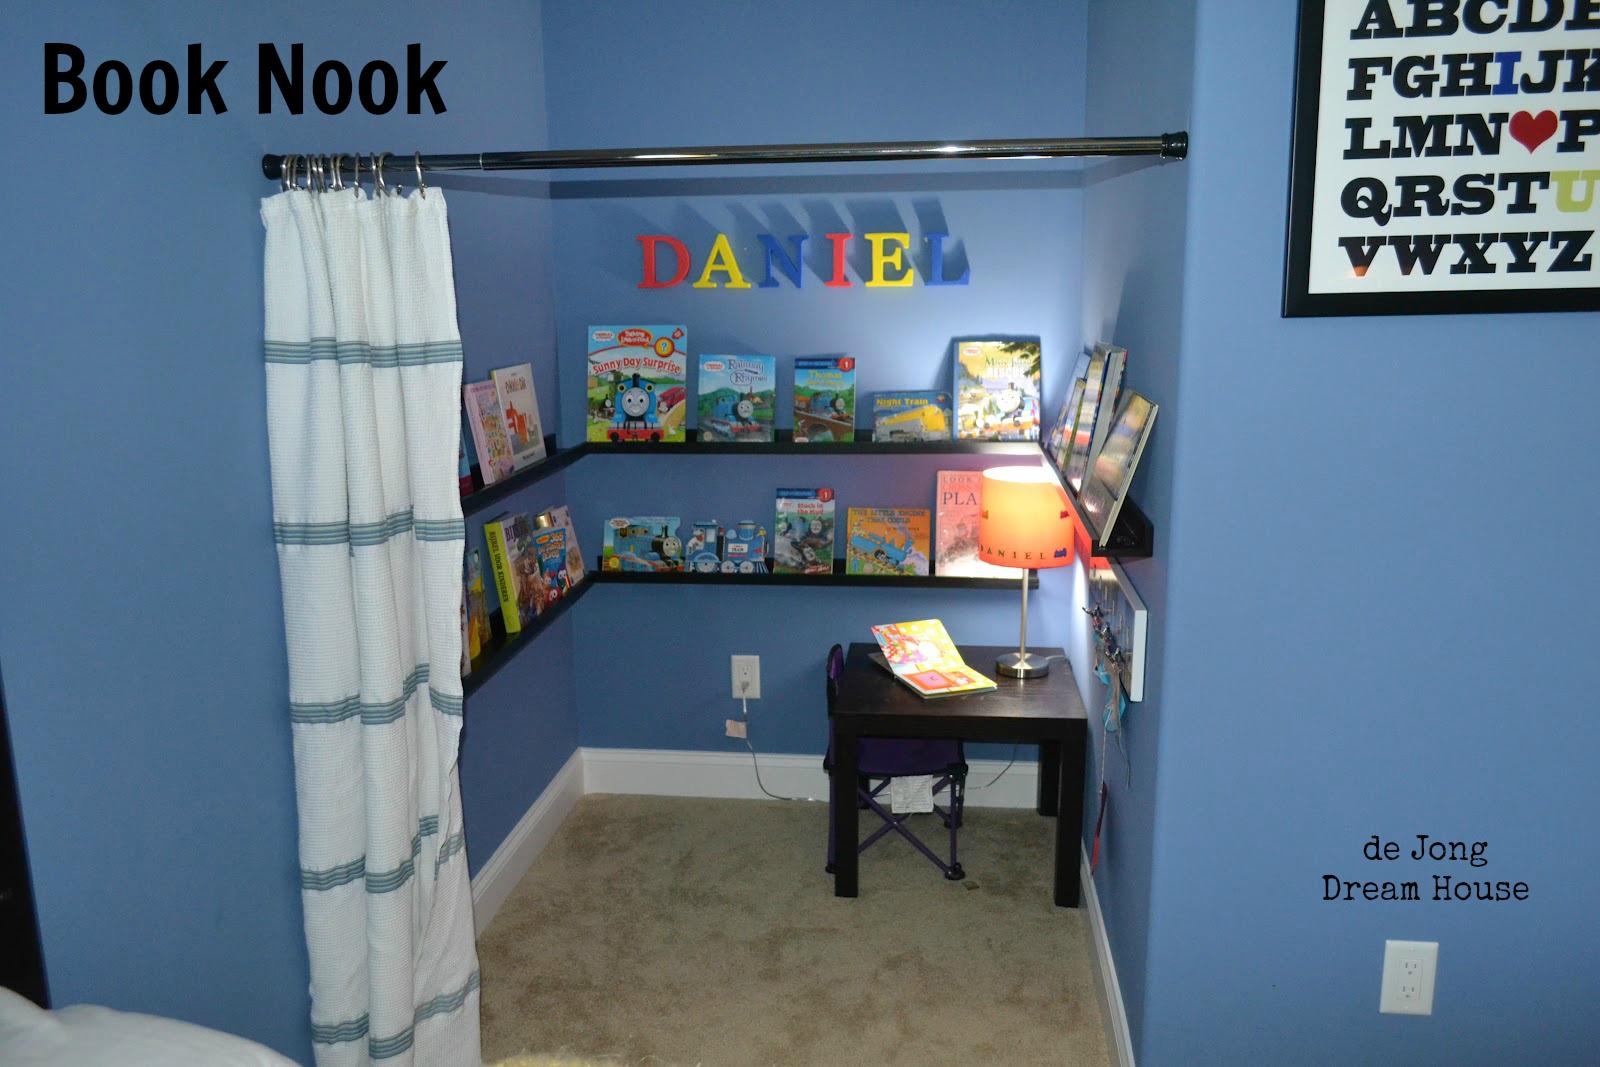 de Jong Dream House: D\'s book nook